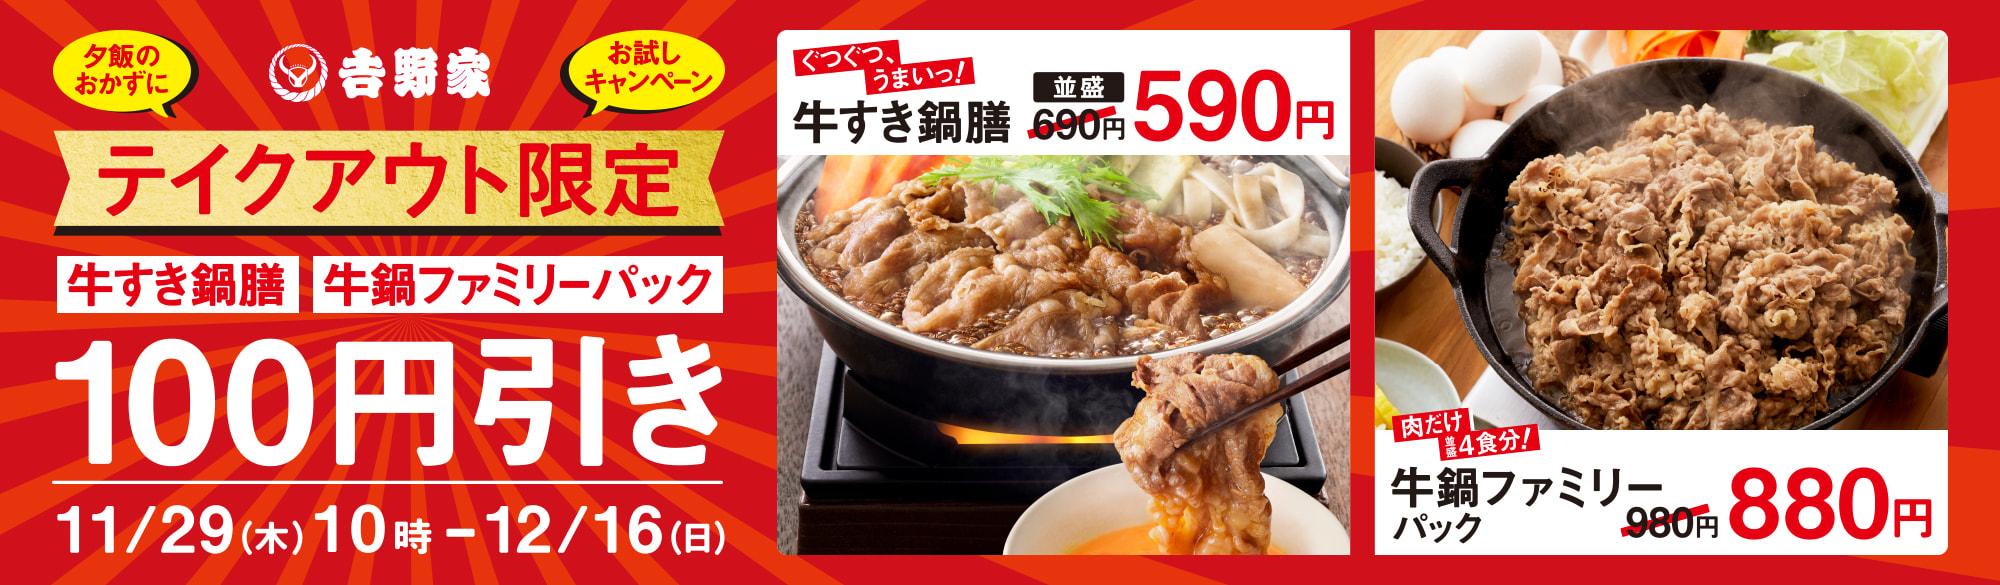 牛すき鍋膳・牛鍋ファミリーパック100円引きセール開催